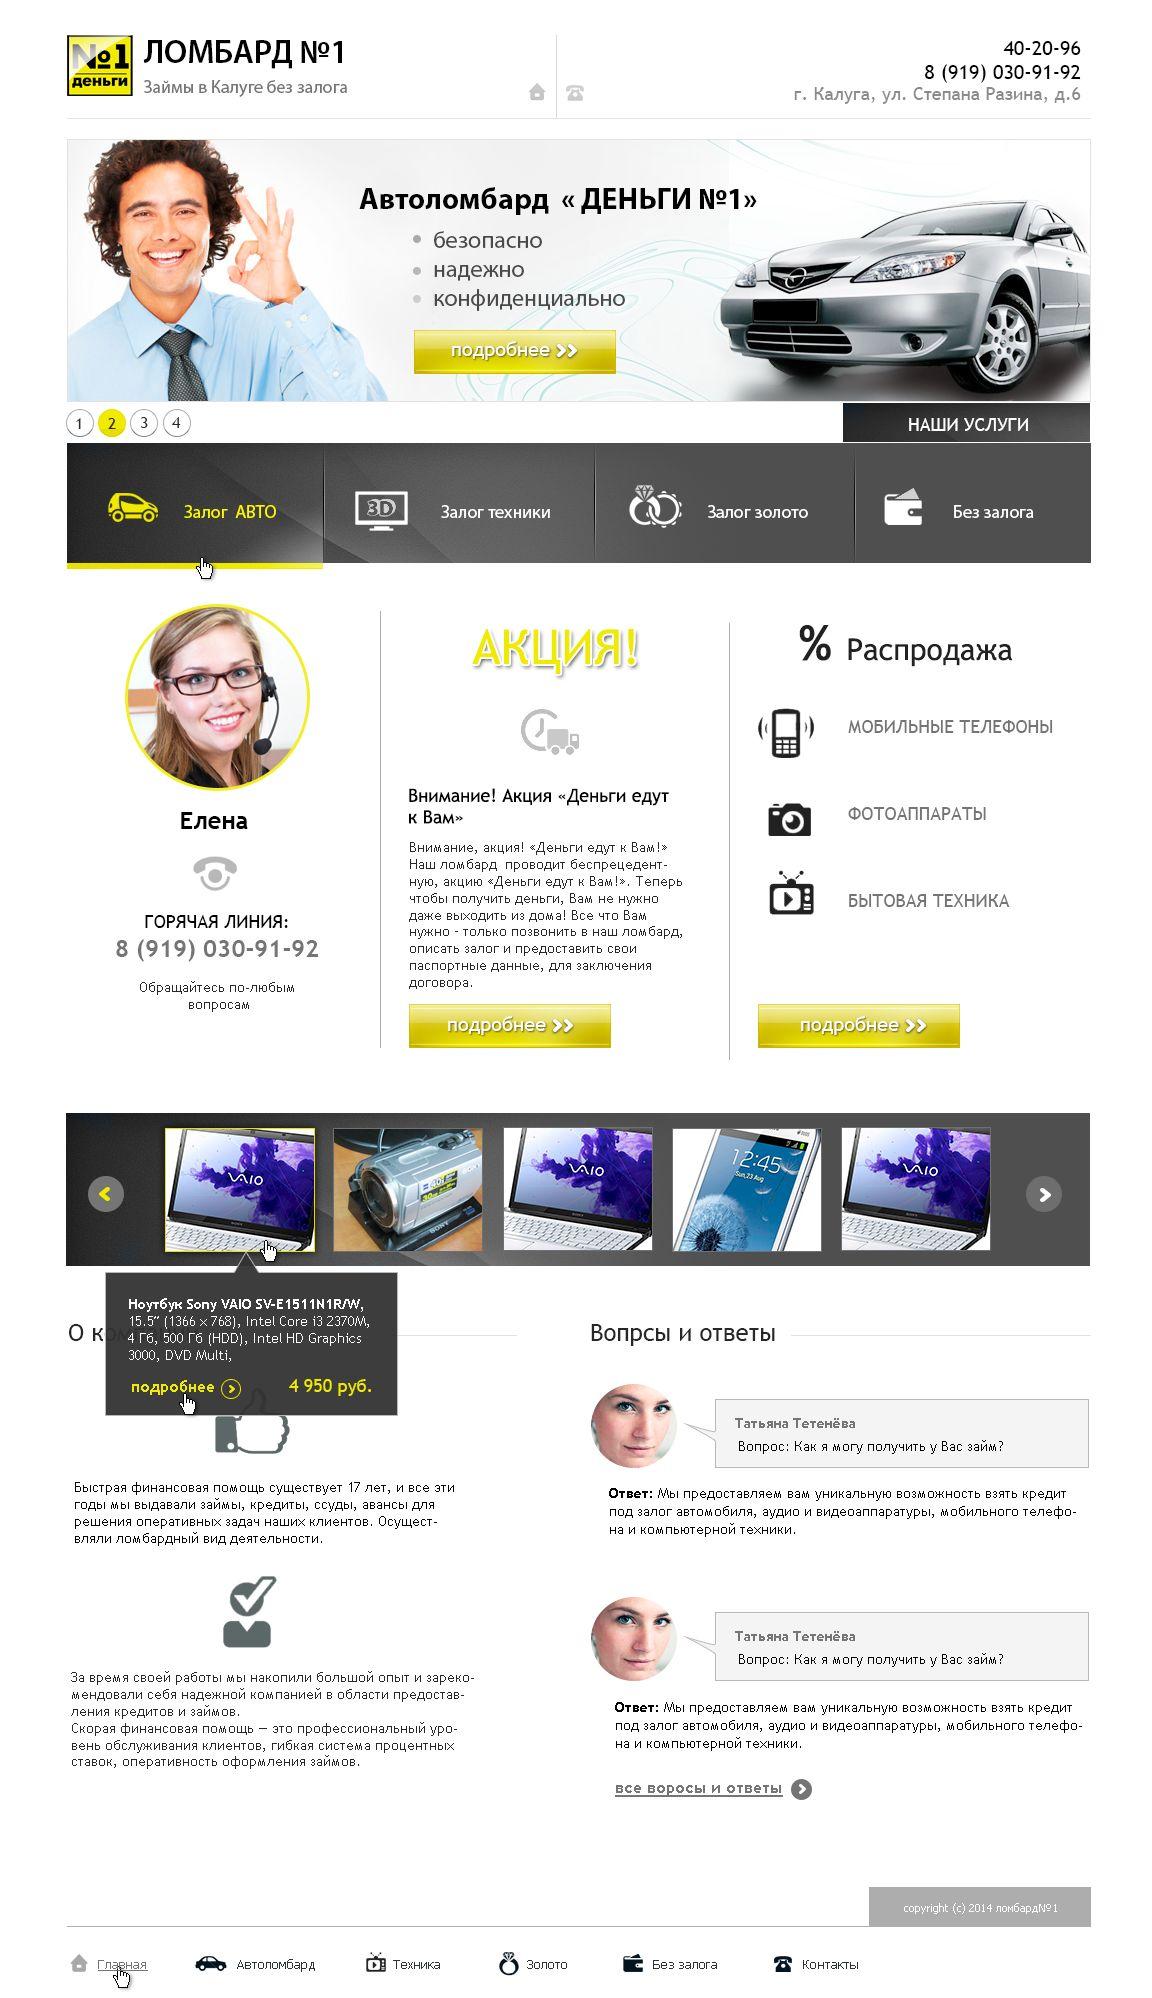 Дизайн главной страницы сайта Ломбард №1 - дизайнер SmartSolutions